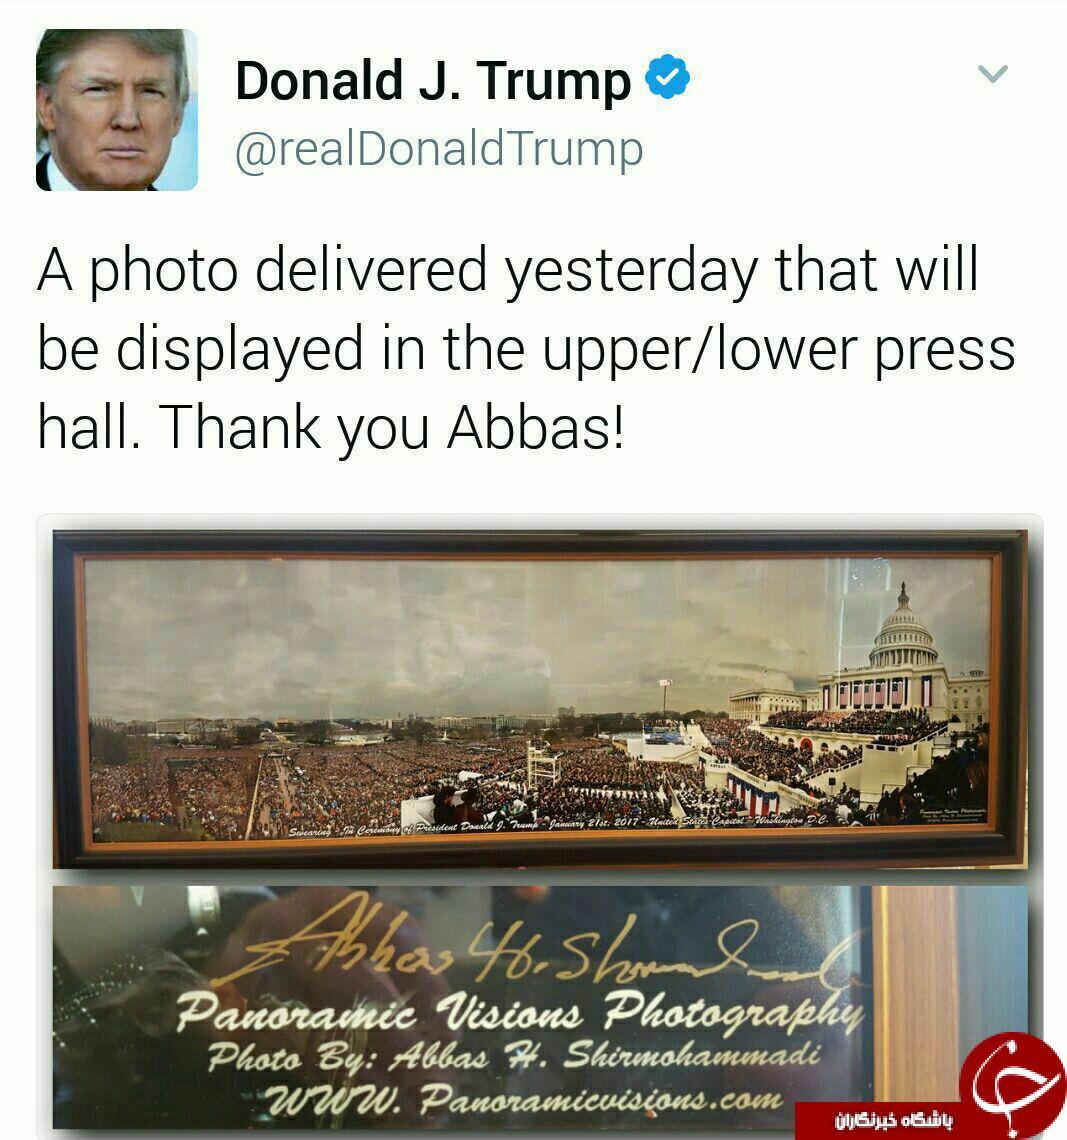 بازیچه شدنتوسط عکاس ایرانی ،ترامپ را مجبور به حذف توئت کرد! + تصویر